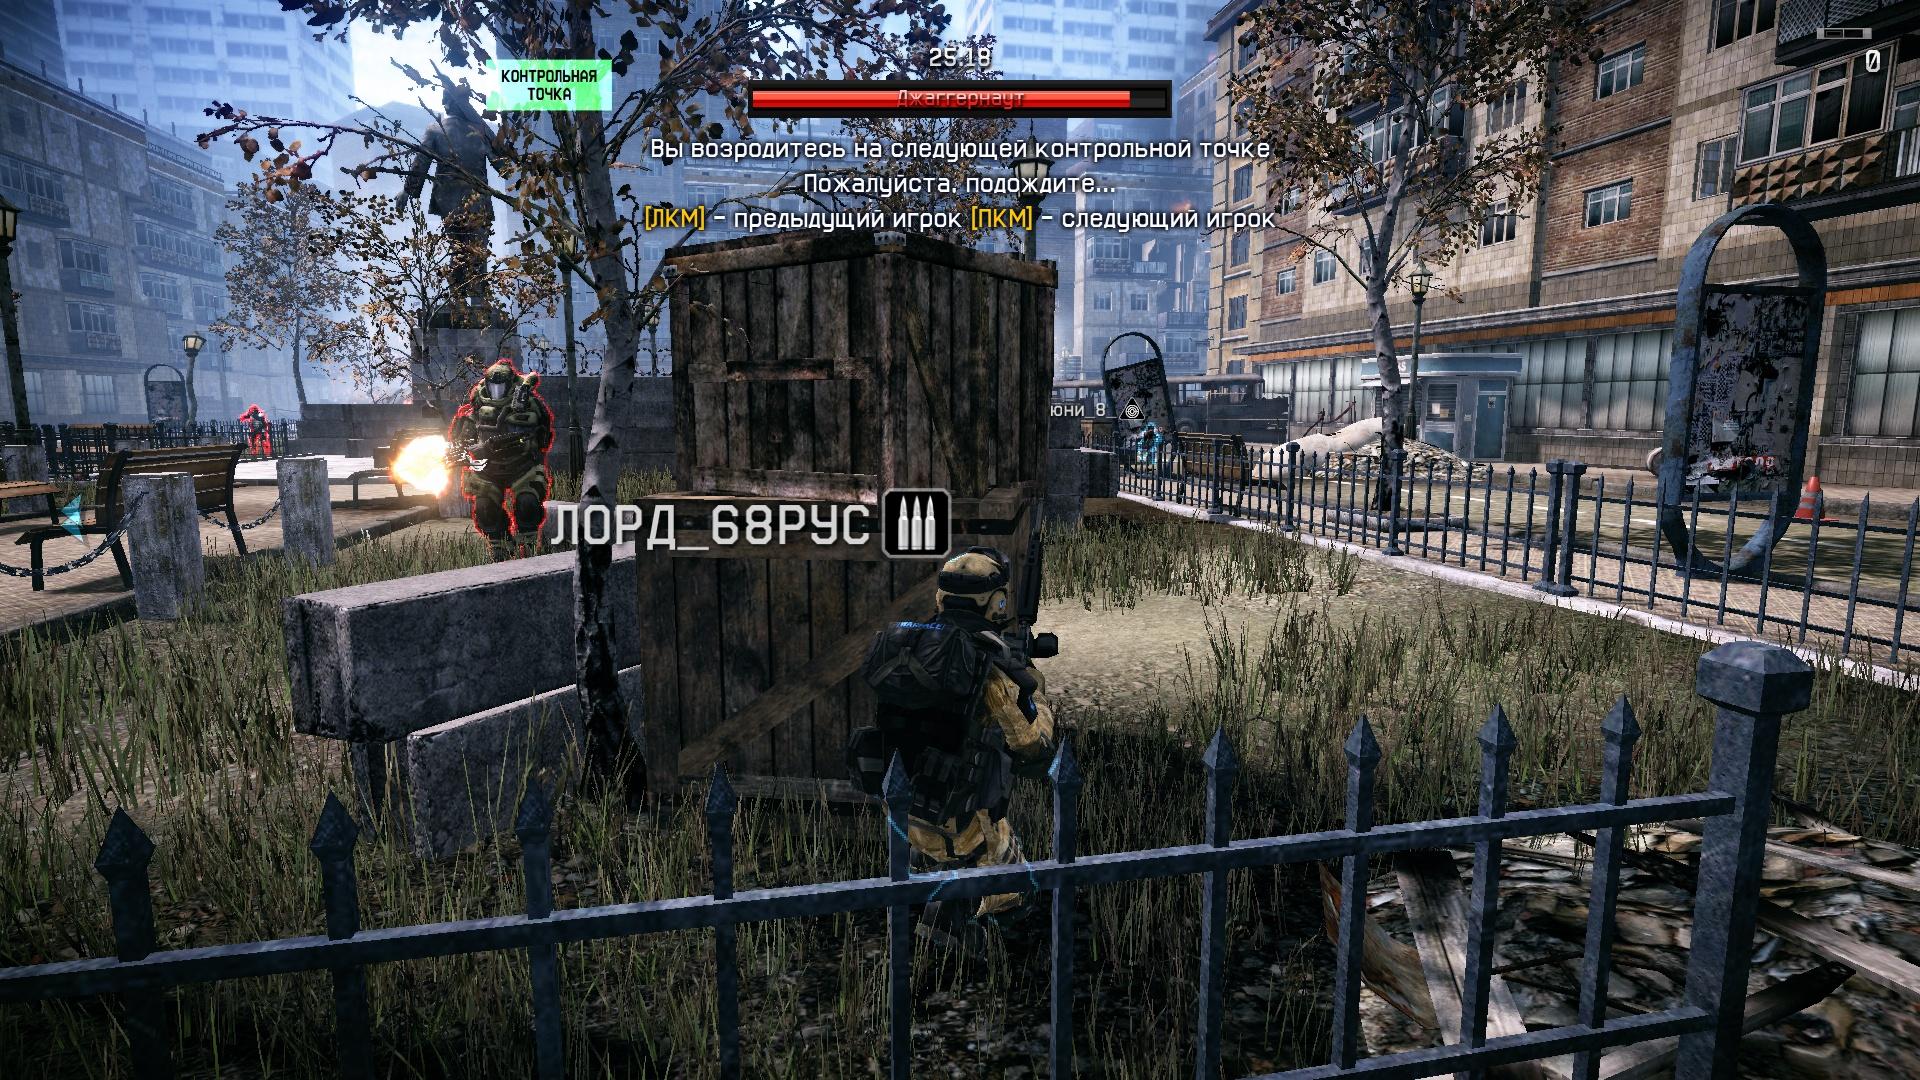 pre_1382302030__screenshot0001.jpg